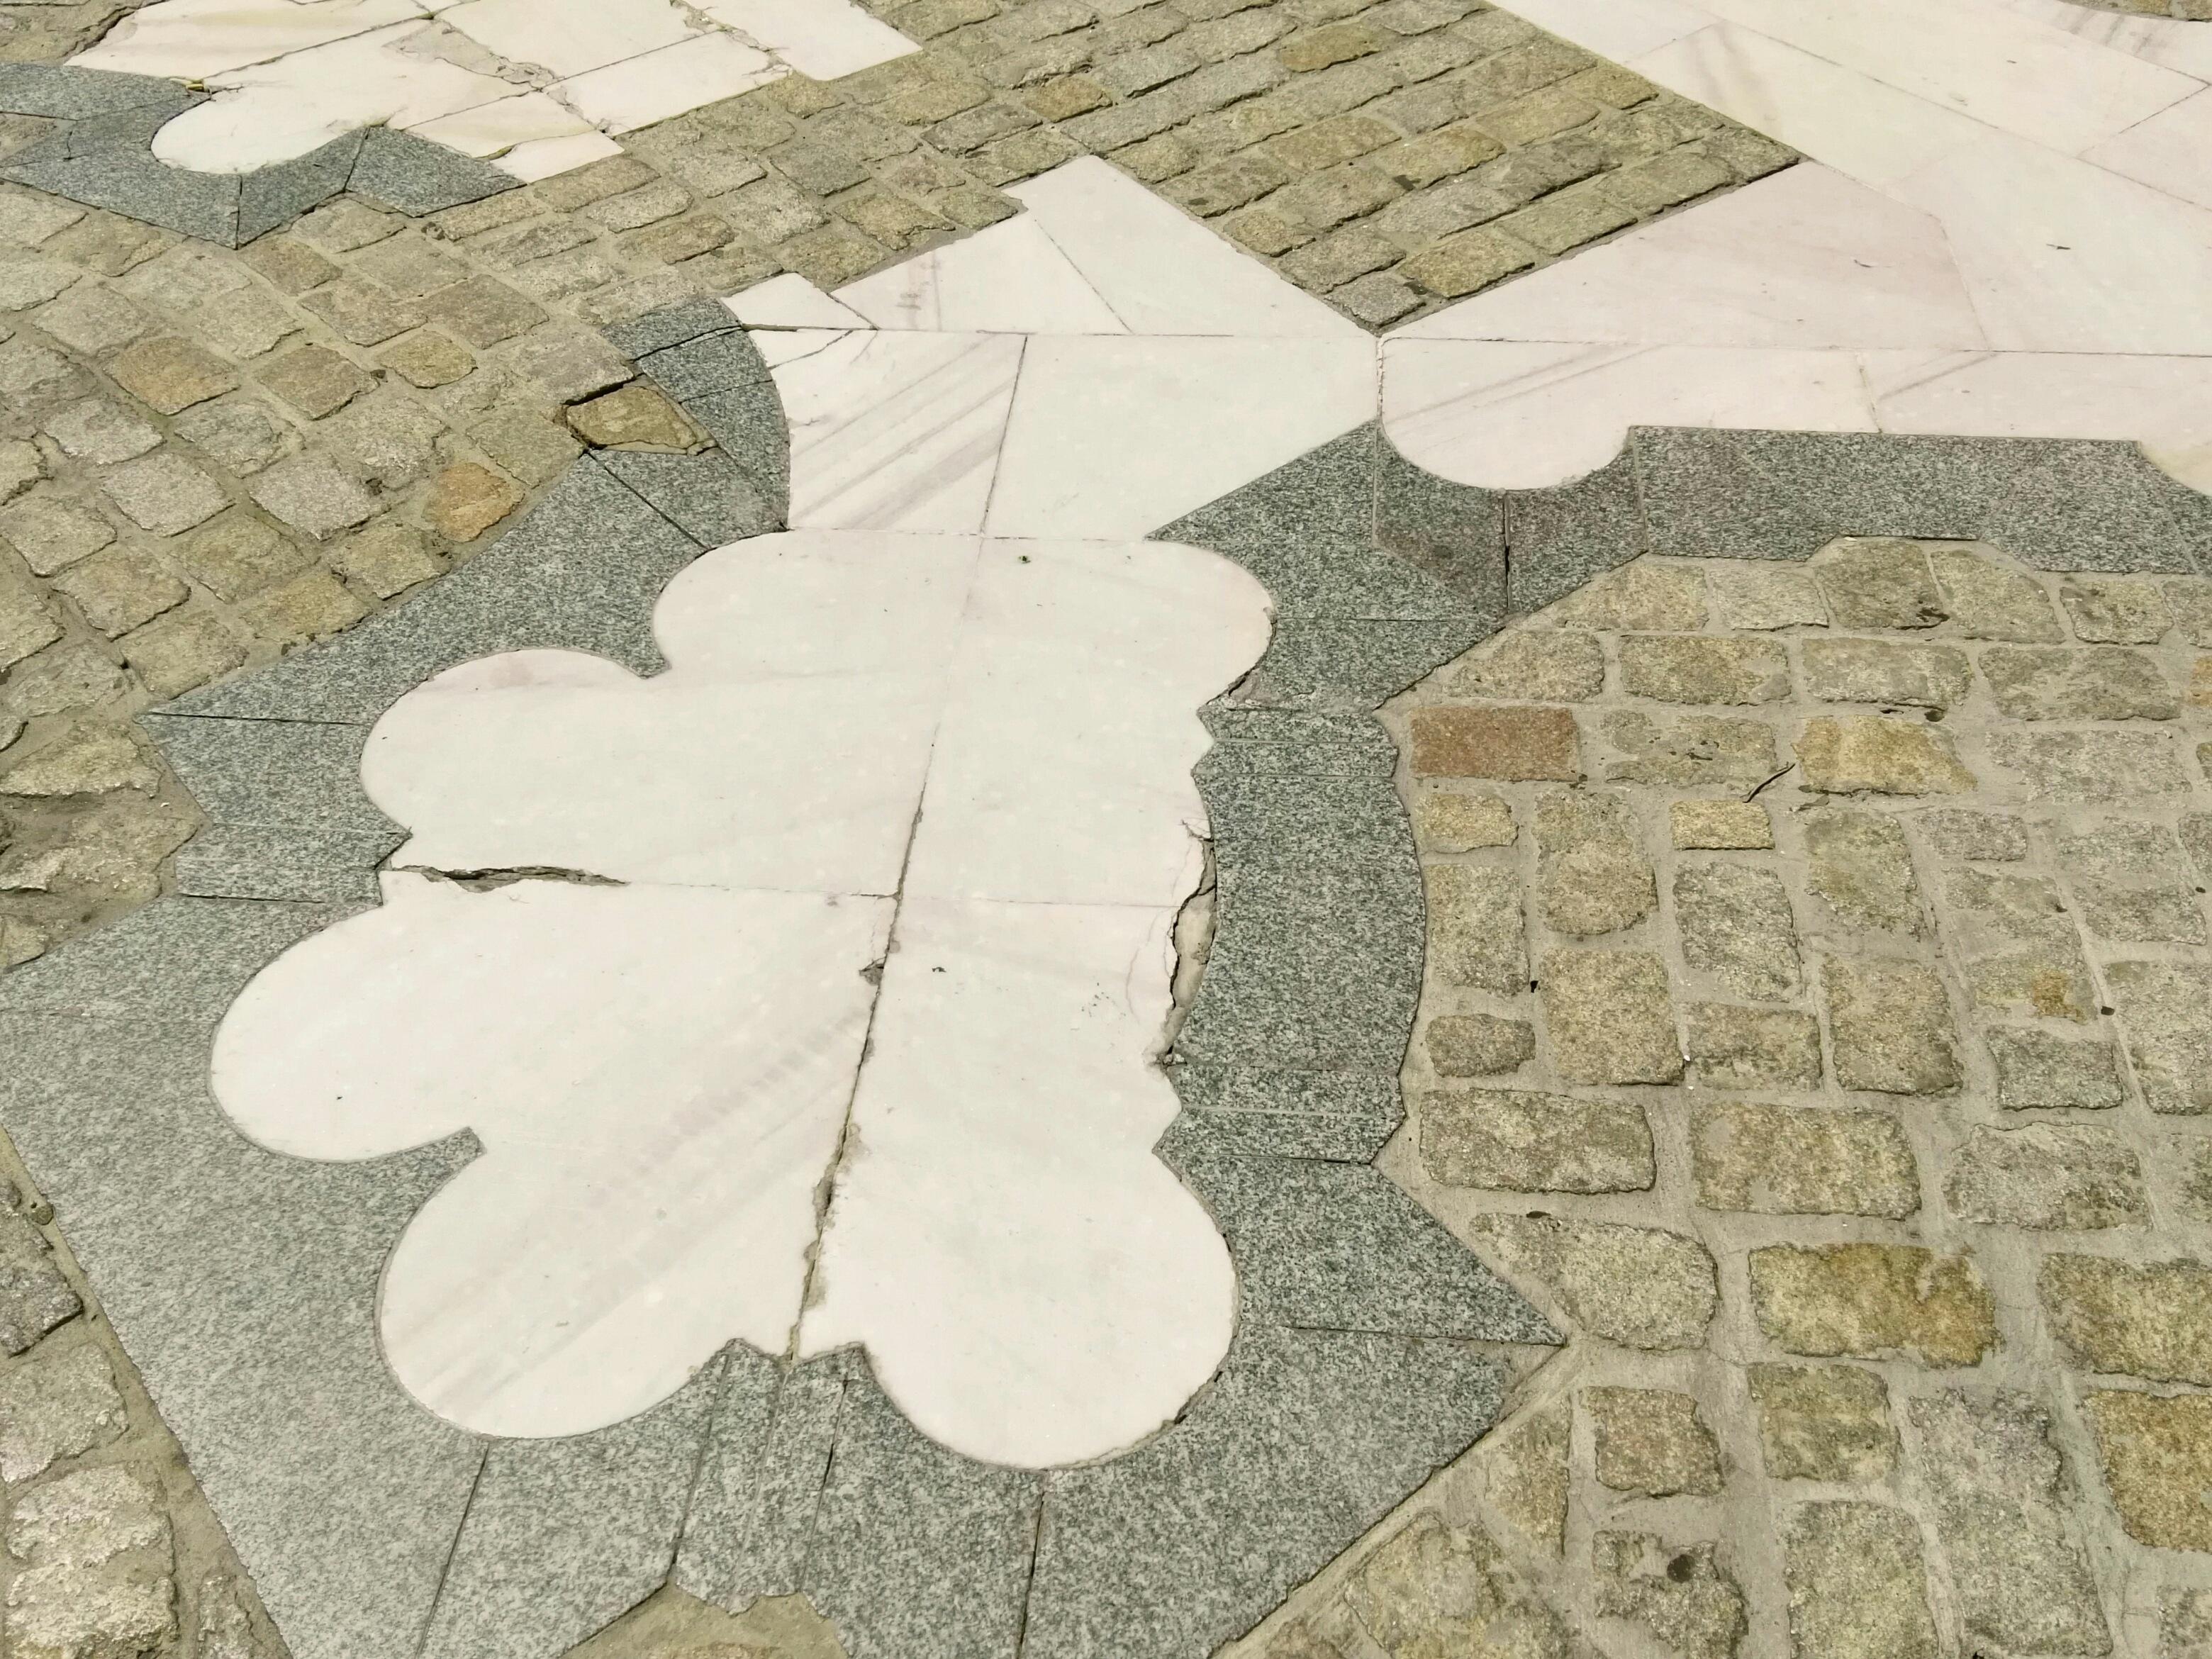 Hamelin: Sin barreras arquitectónicas por el centro histórico de Cádiz - Actividad  (Cádiz)